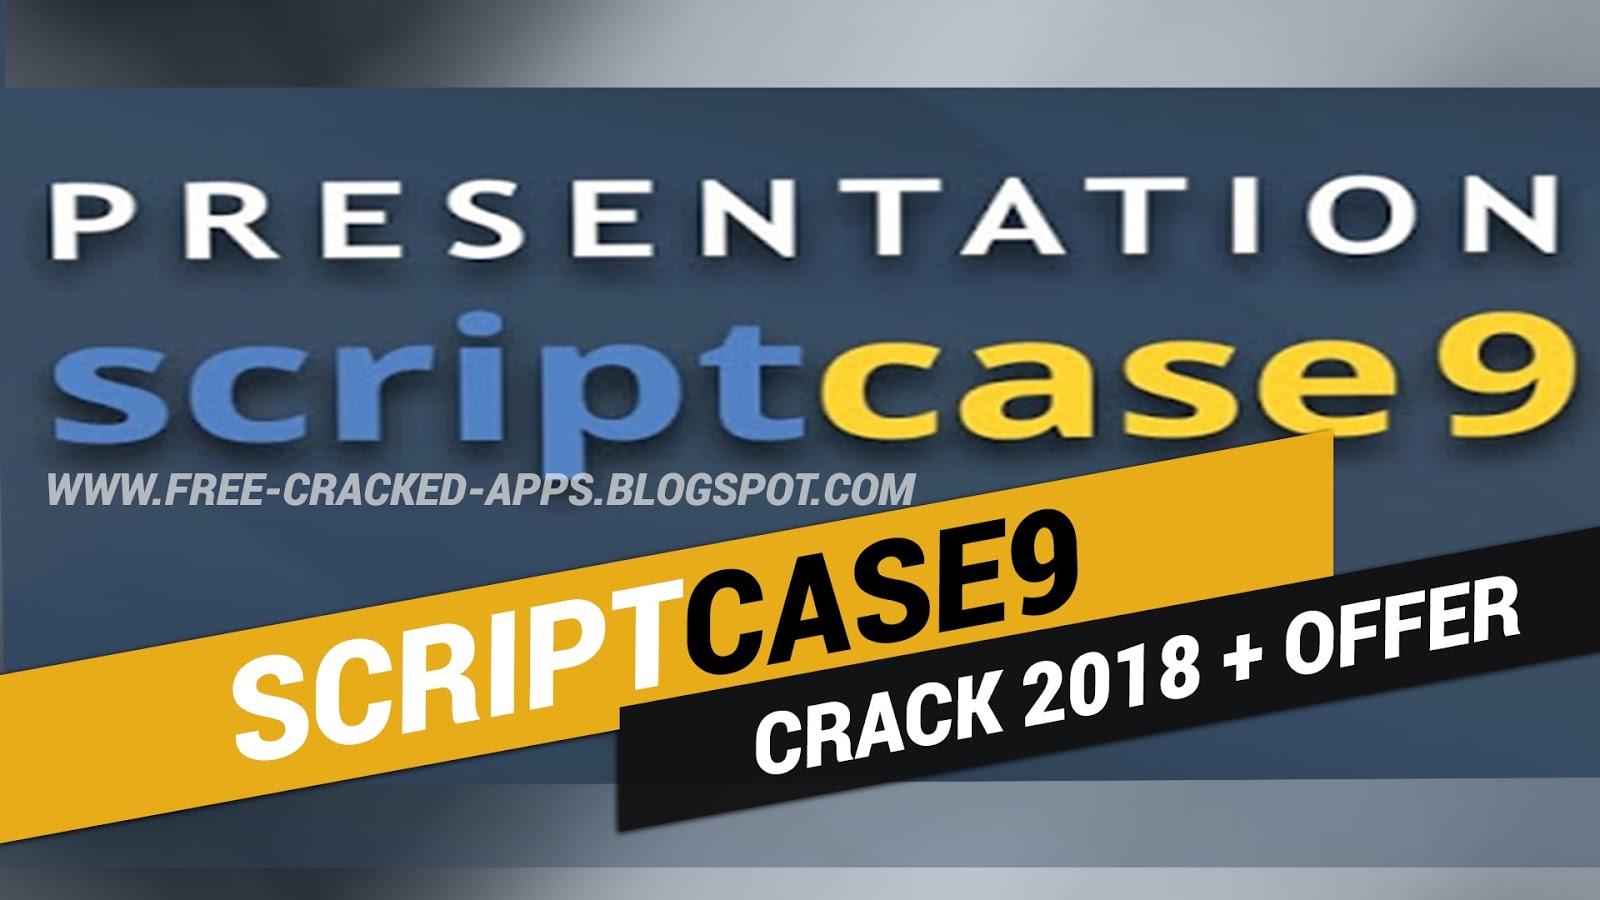 Pix4d mapper crack download torrent - ajeremca